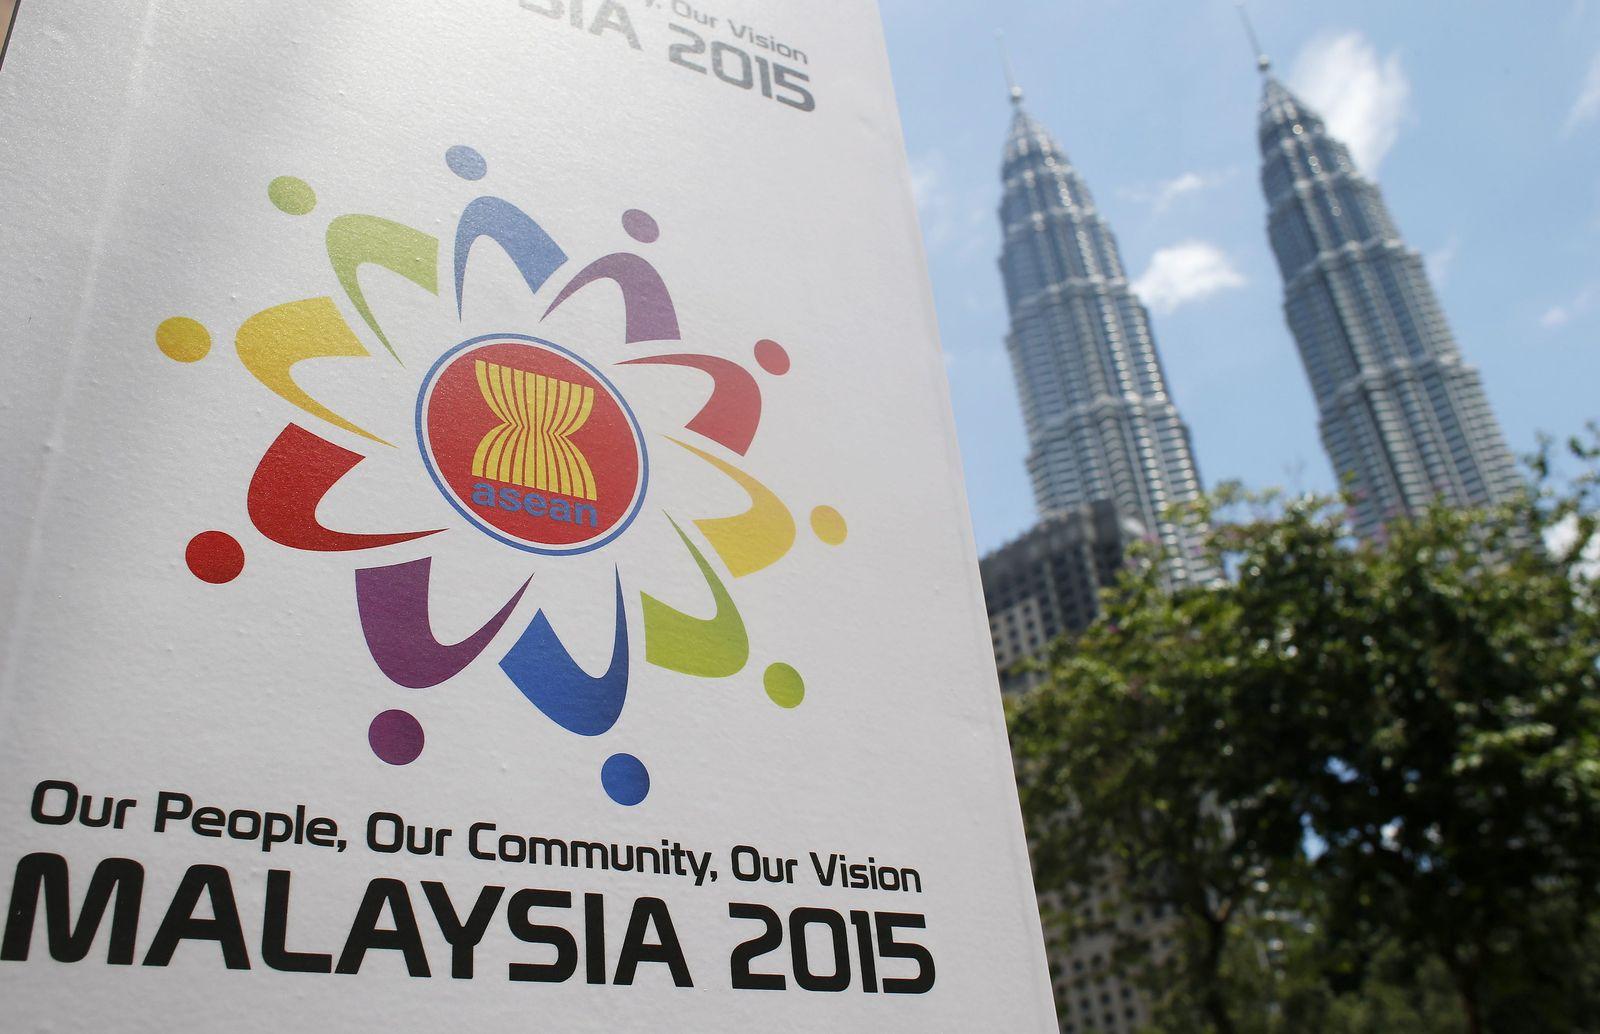 26th ASEAN summit in Malaysia